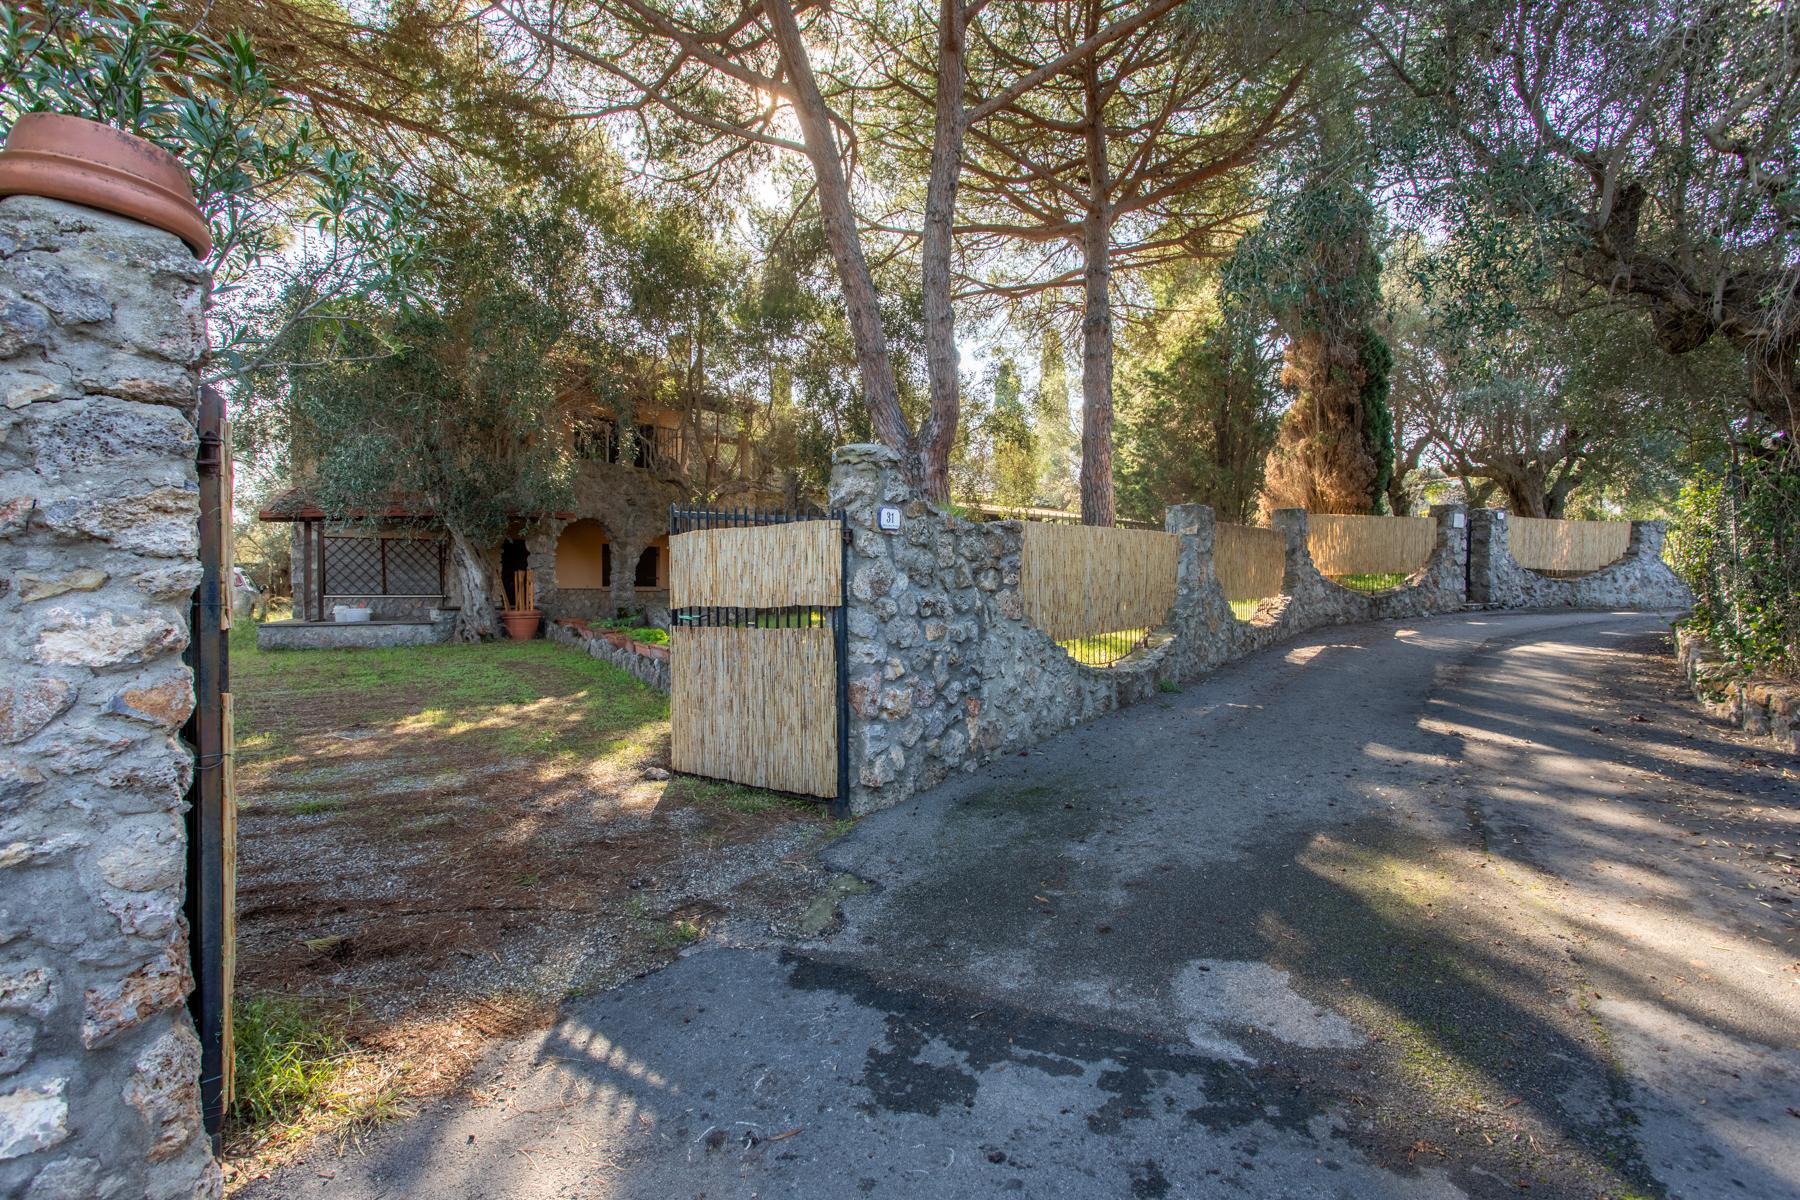 Villa in Vendita a Orbetello: 5 locali, 240 mq - Foto 9